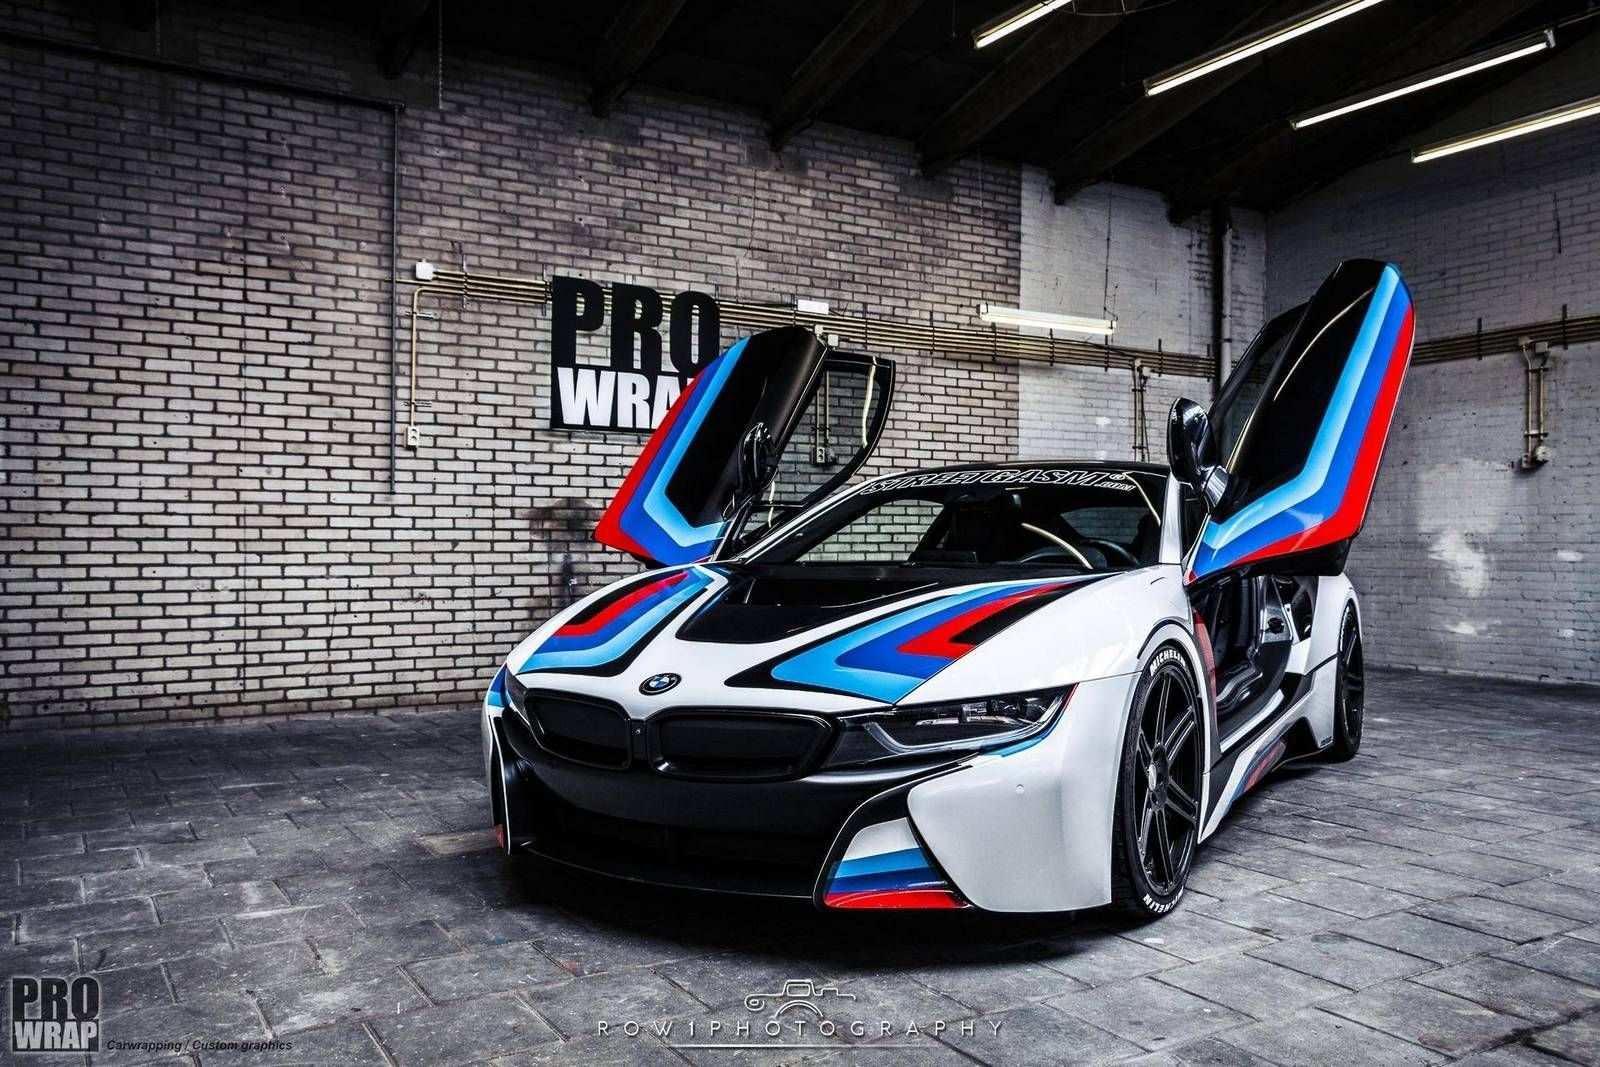 Bmw I8 Gets An M Livery Custom Bmw Bmw I8 Luxury Hybrid Cars